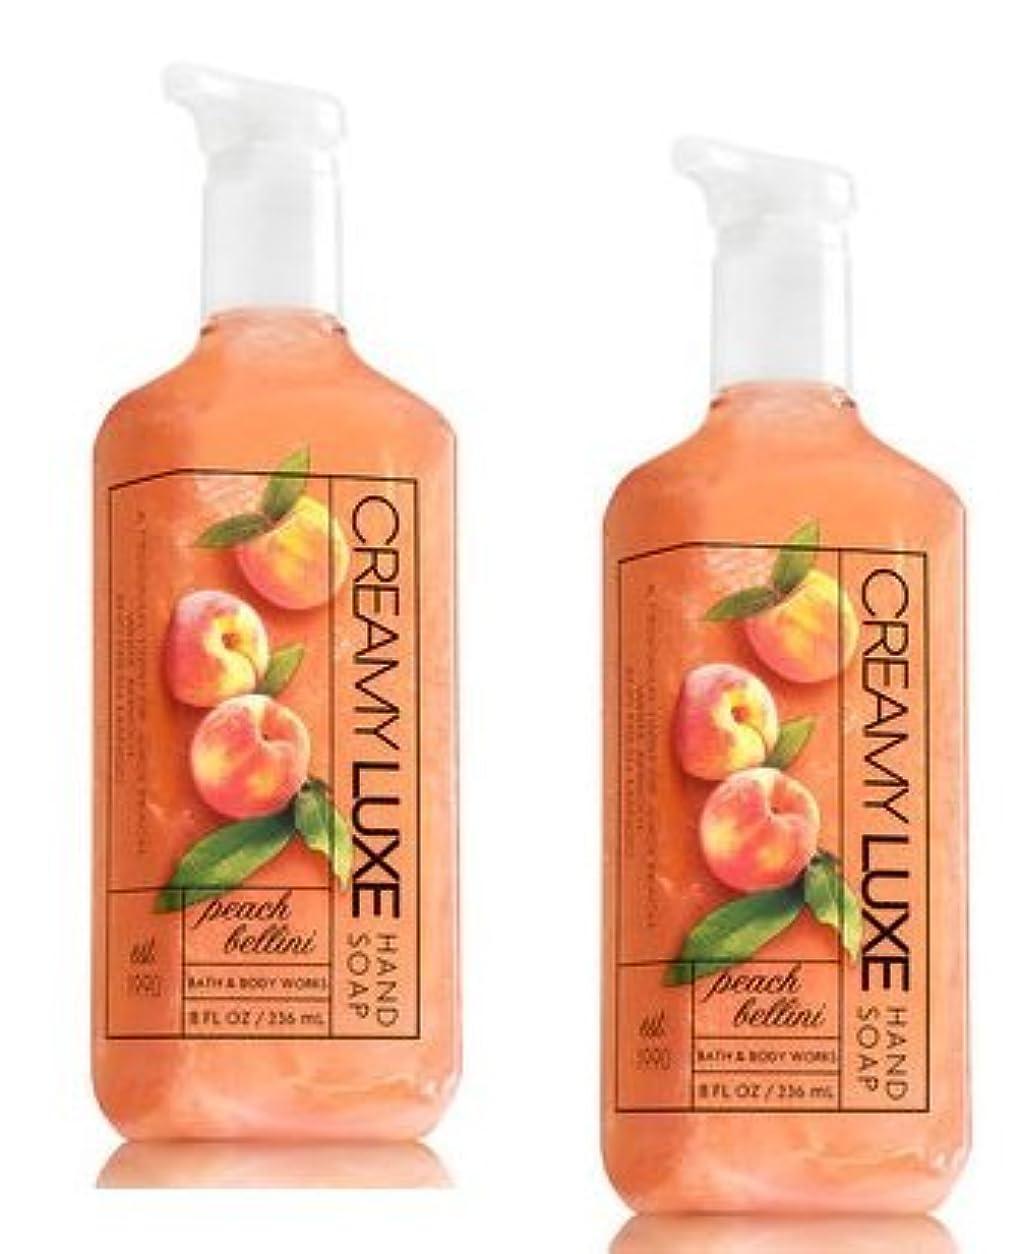 イースター醜いアーティストBath & Body Works ピーチベリーニ クリーミー リュクス ハンドソープ 2本セット PEACH BELLINI Creamy Luxe Hand Soap. 8 oz 236ml [並行輸入品]